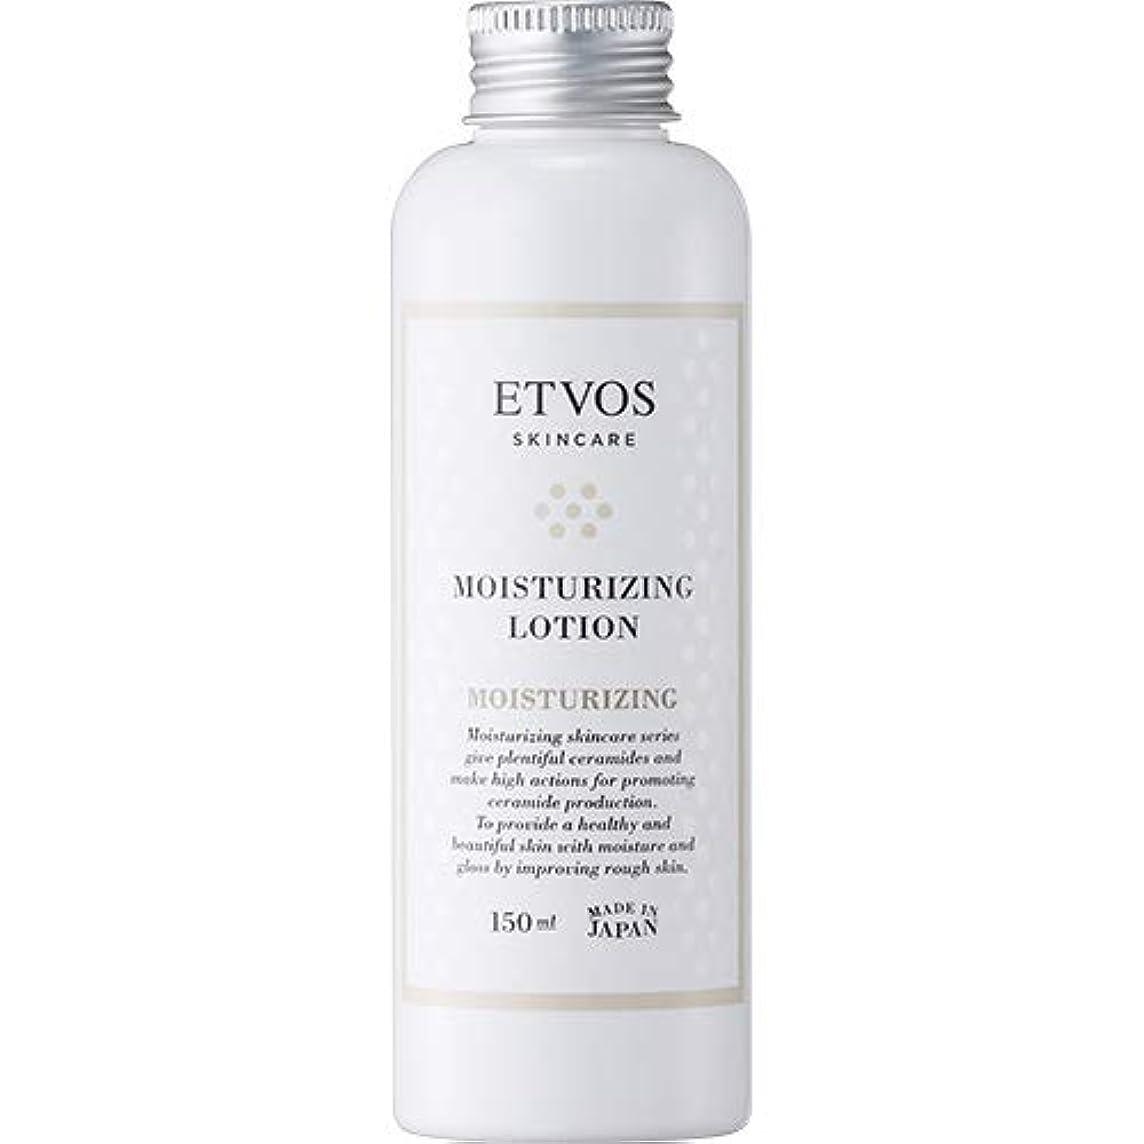 オデュッセウスコンテンツ歯科医ETVOS(エトヴォス) 保湿化粧水 モイスチャライジングローション 150ml セラミド 乾燥肌 パラベンフリー